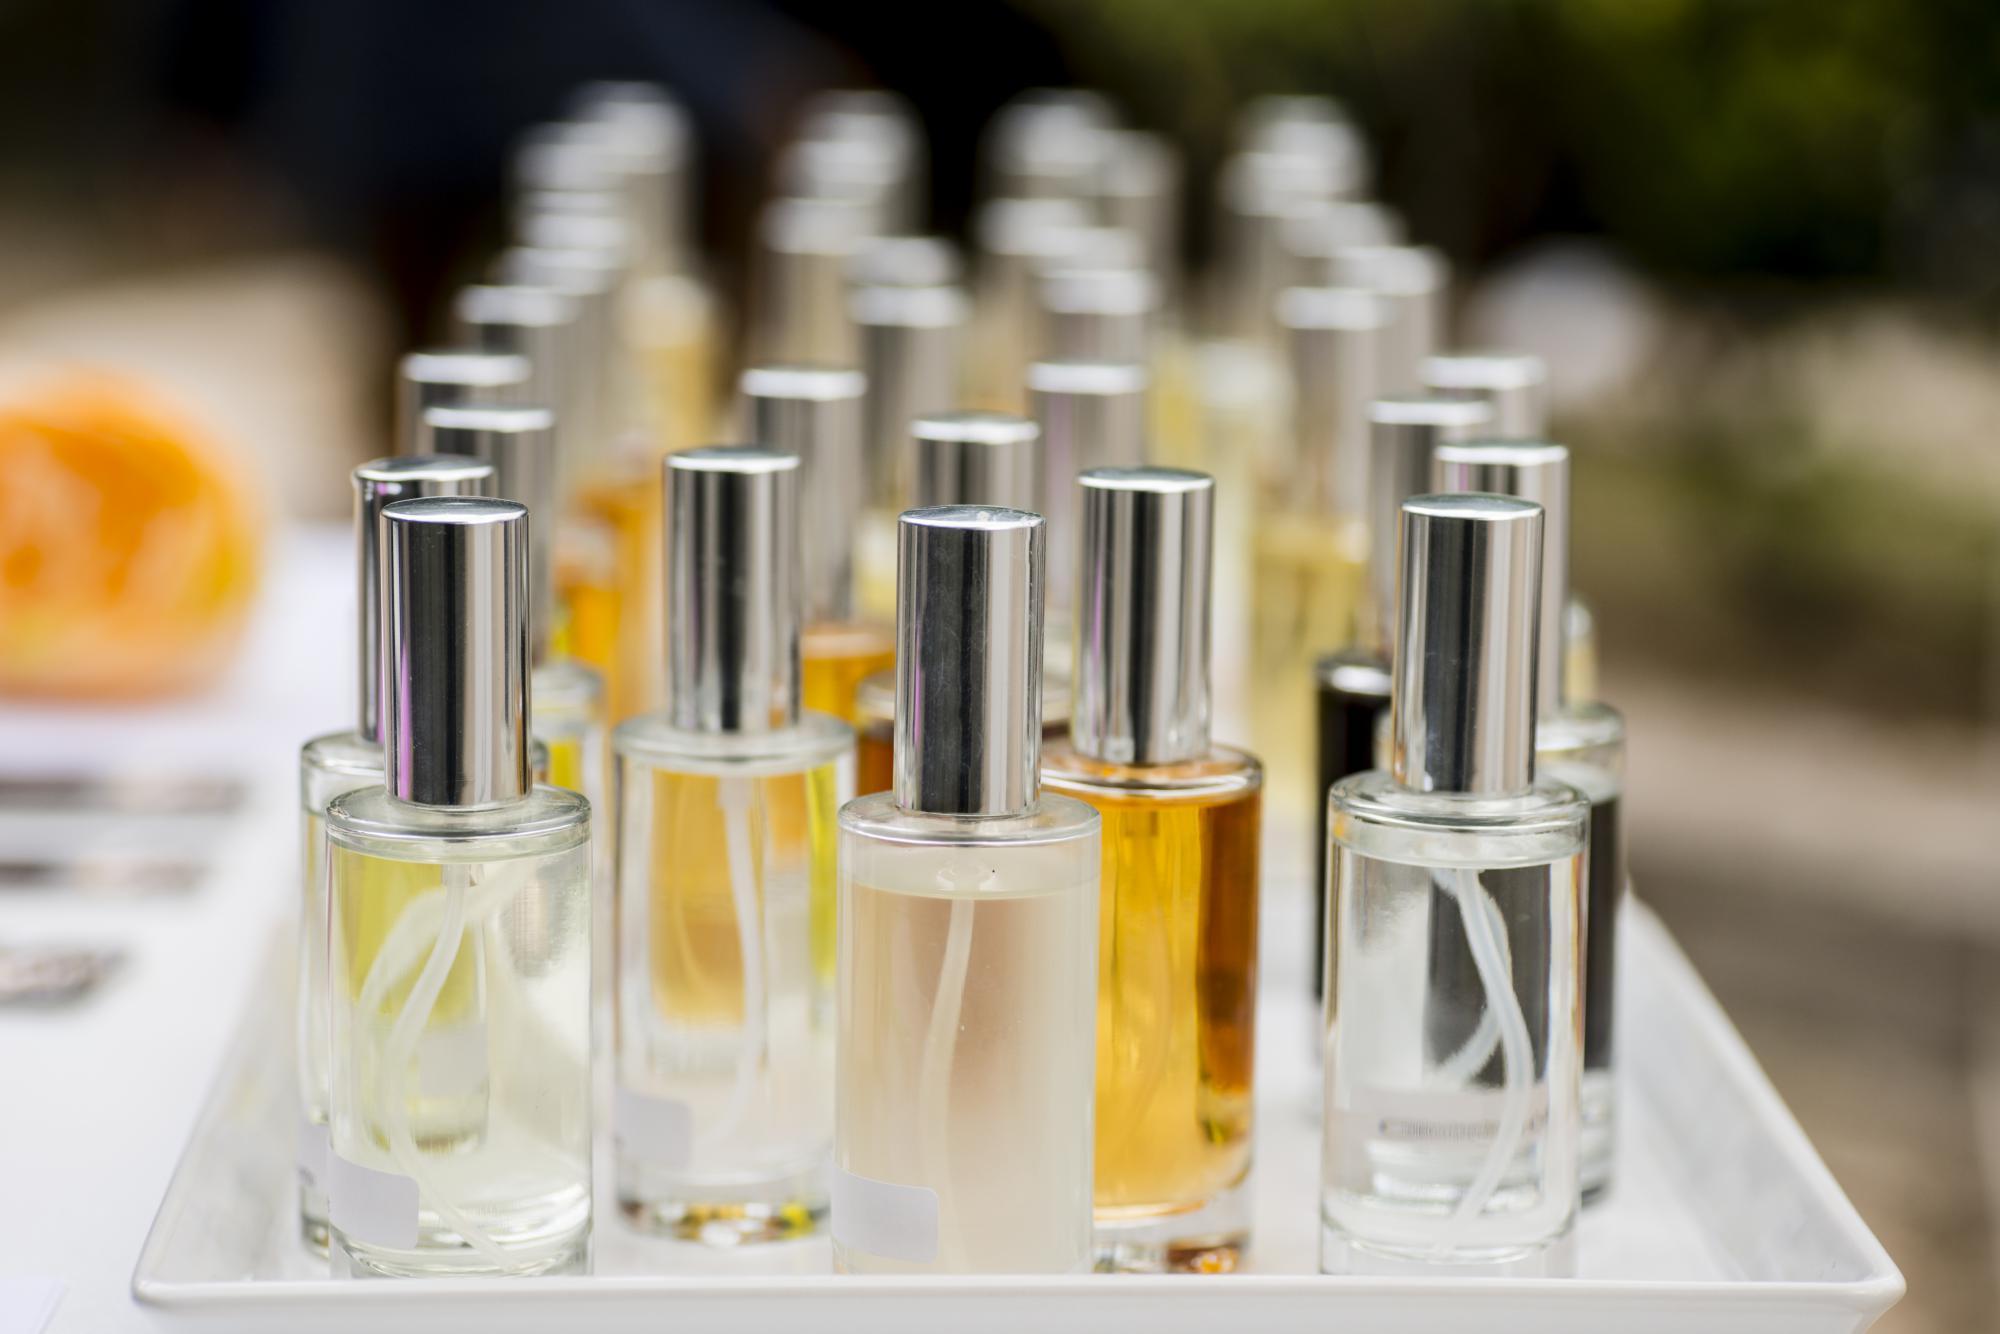 Правительство смягчило требования к маркировке фотопродукции и парфюмерии